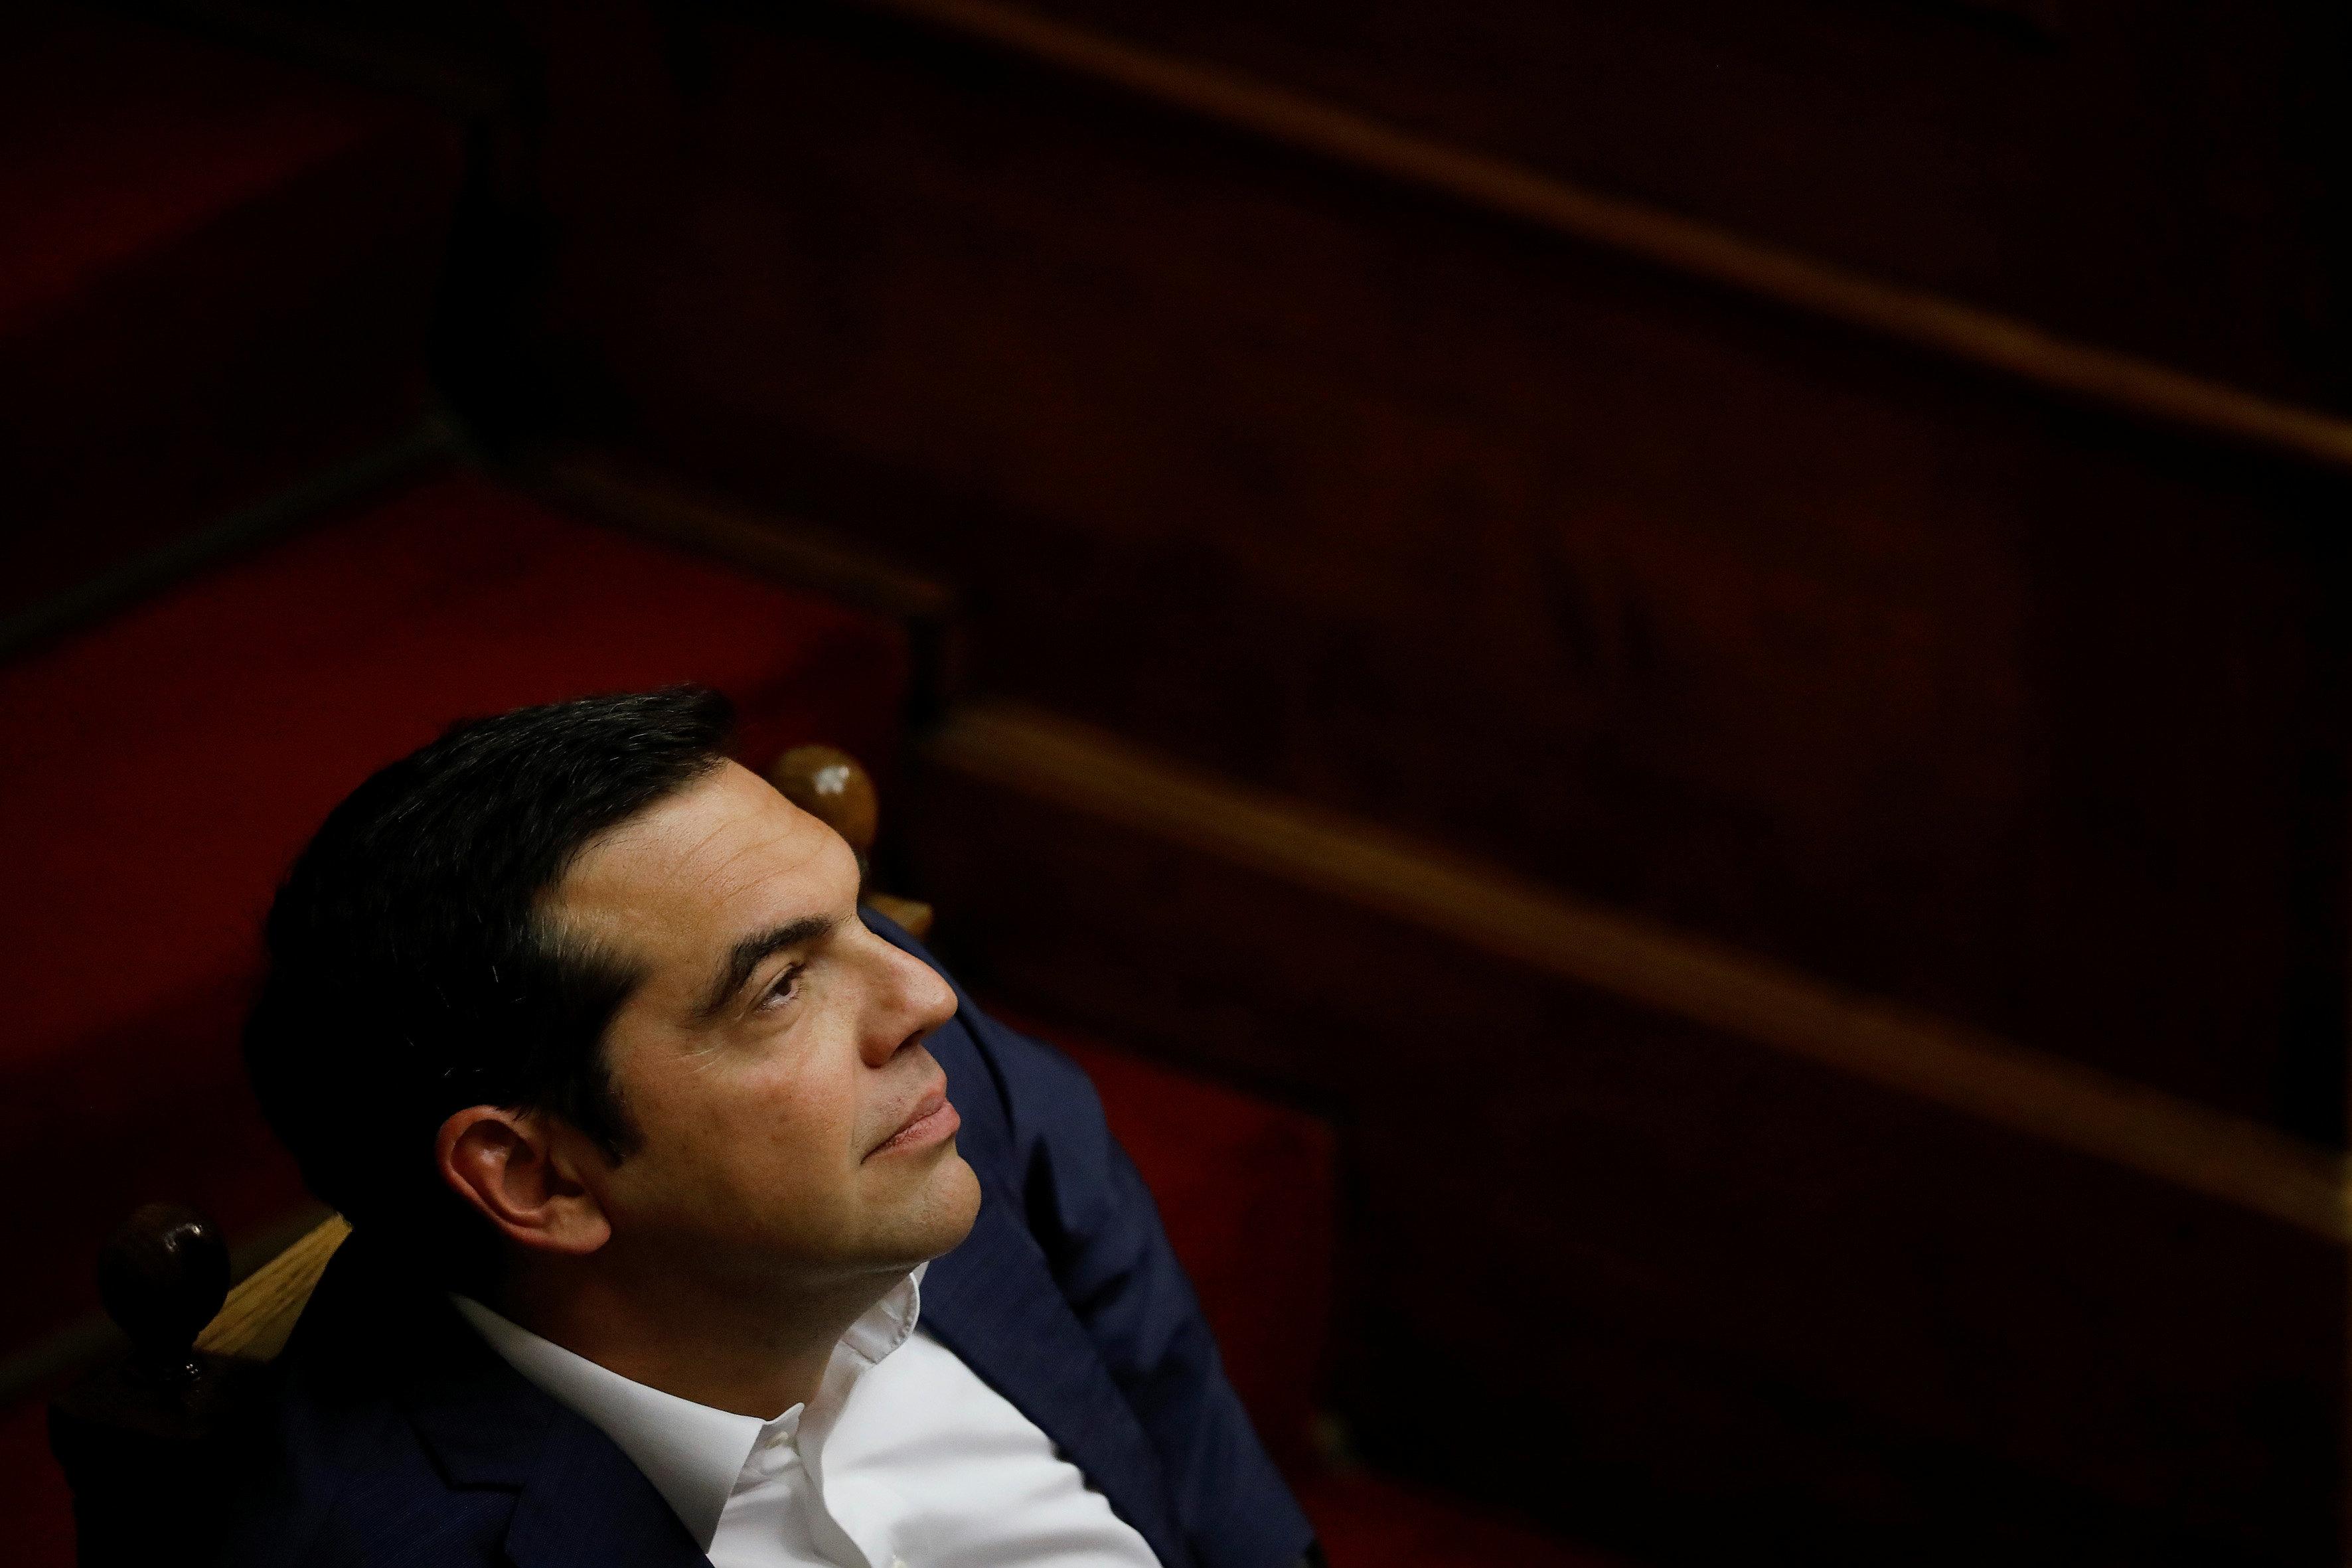 Τσίπρας: Η Ελλάδα βγήκε από την κρίση επειδή επέμεινε ότι η λύση δεν είναι ο εθνικισμός και η